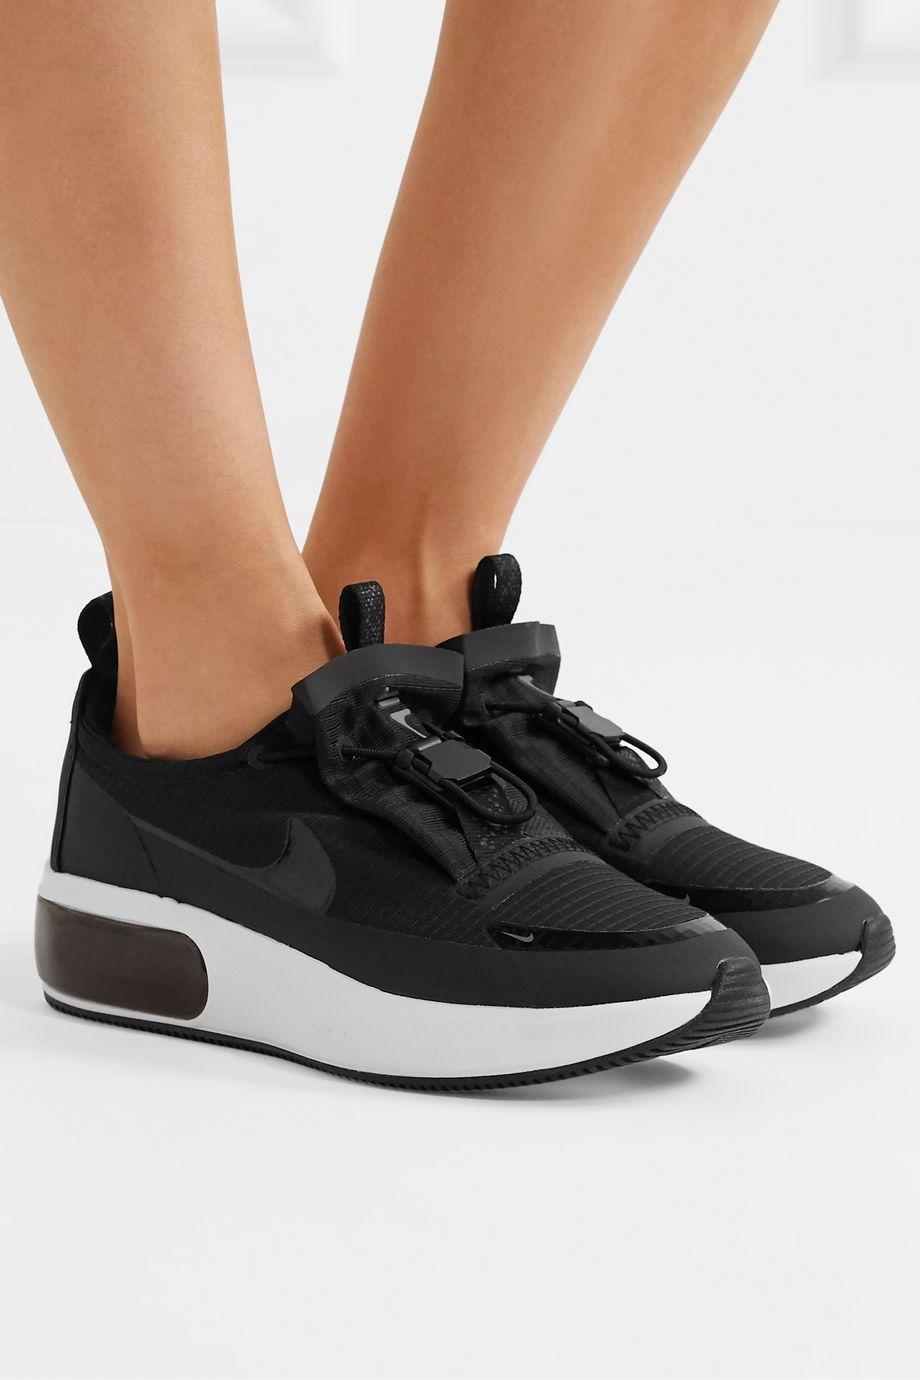 Nike Air Max Dia Winter ripstop sneakers